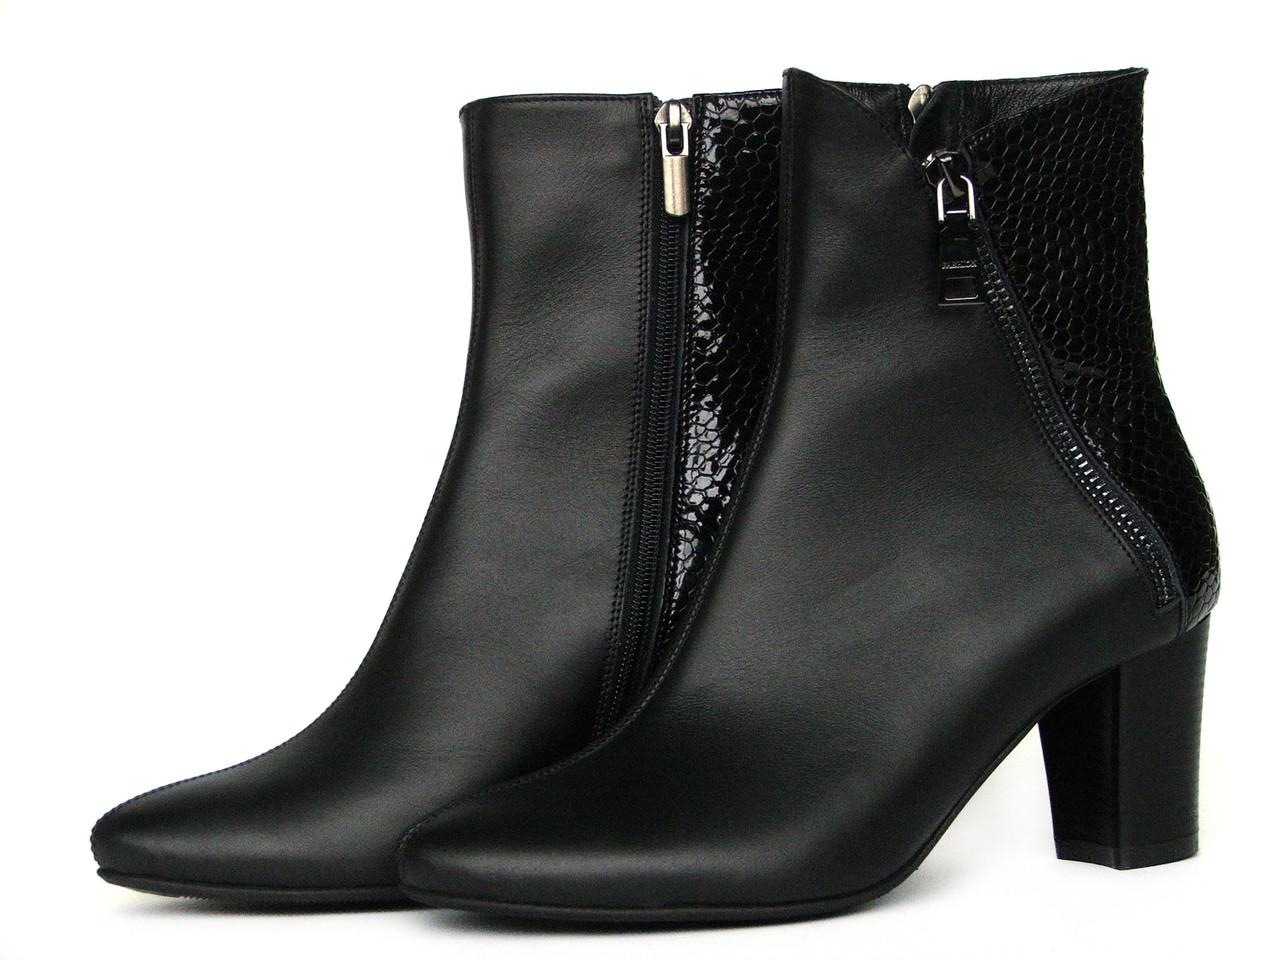 efba2976c Черные высокие кожаные ботинки с косой молнией - HappyShoes в Запорожье